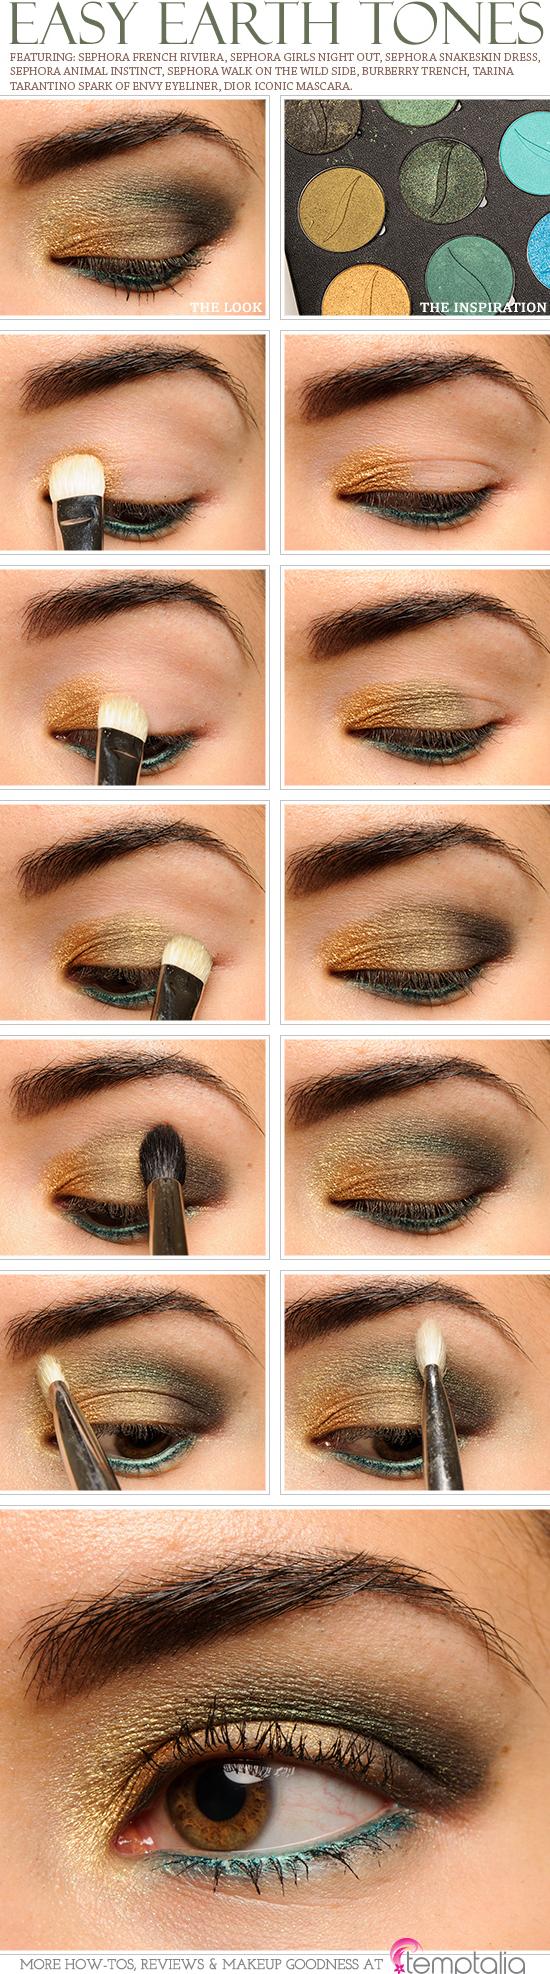 Sephora French Riviera (04) Eyeshadow